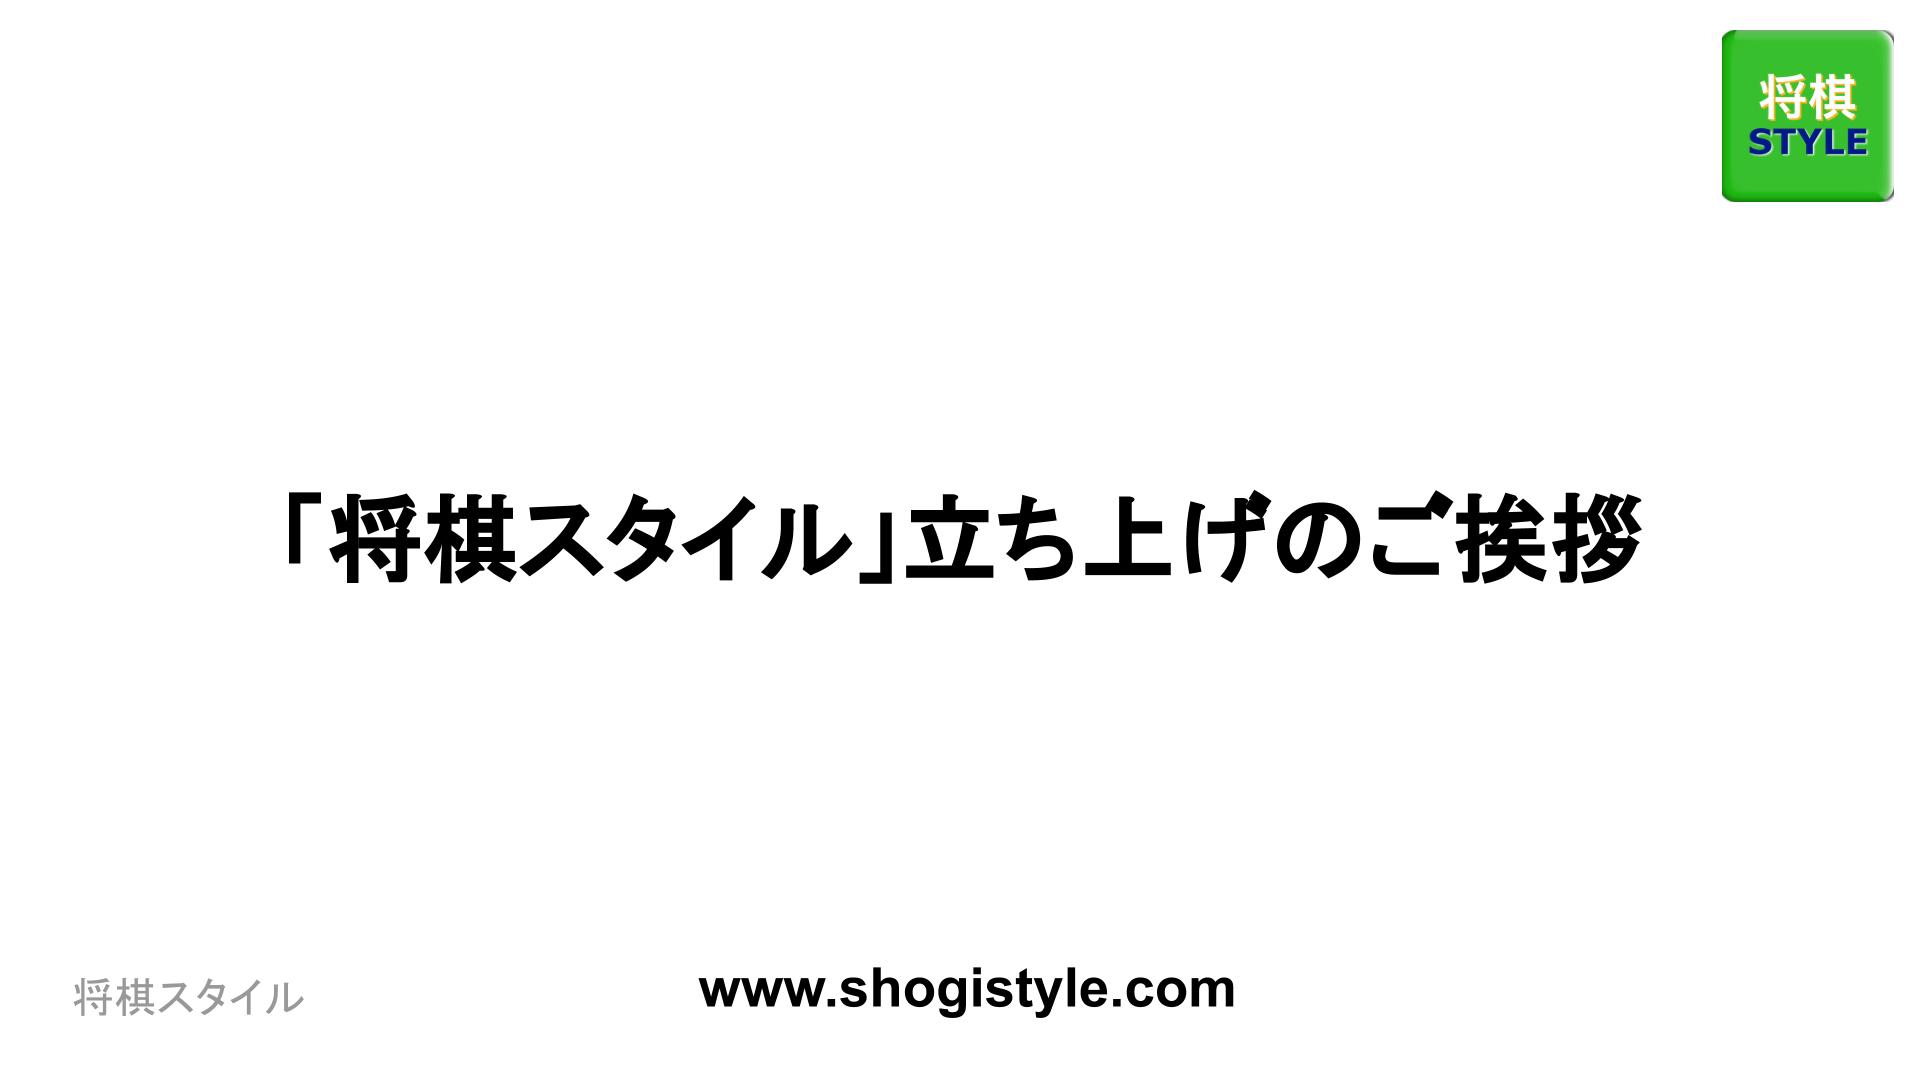 「将棋スタイル」立ち上げのご挨拶